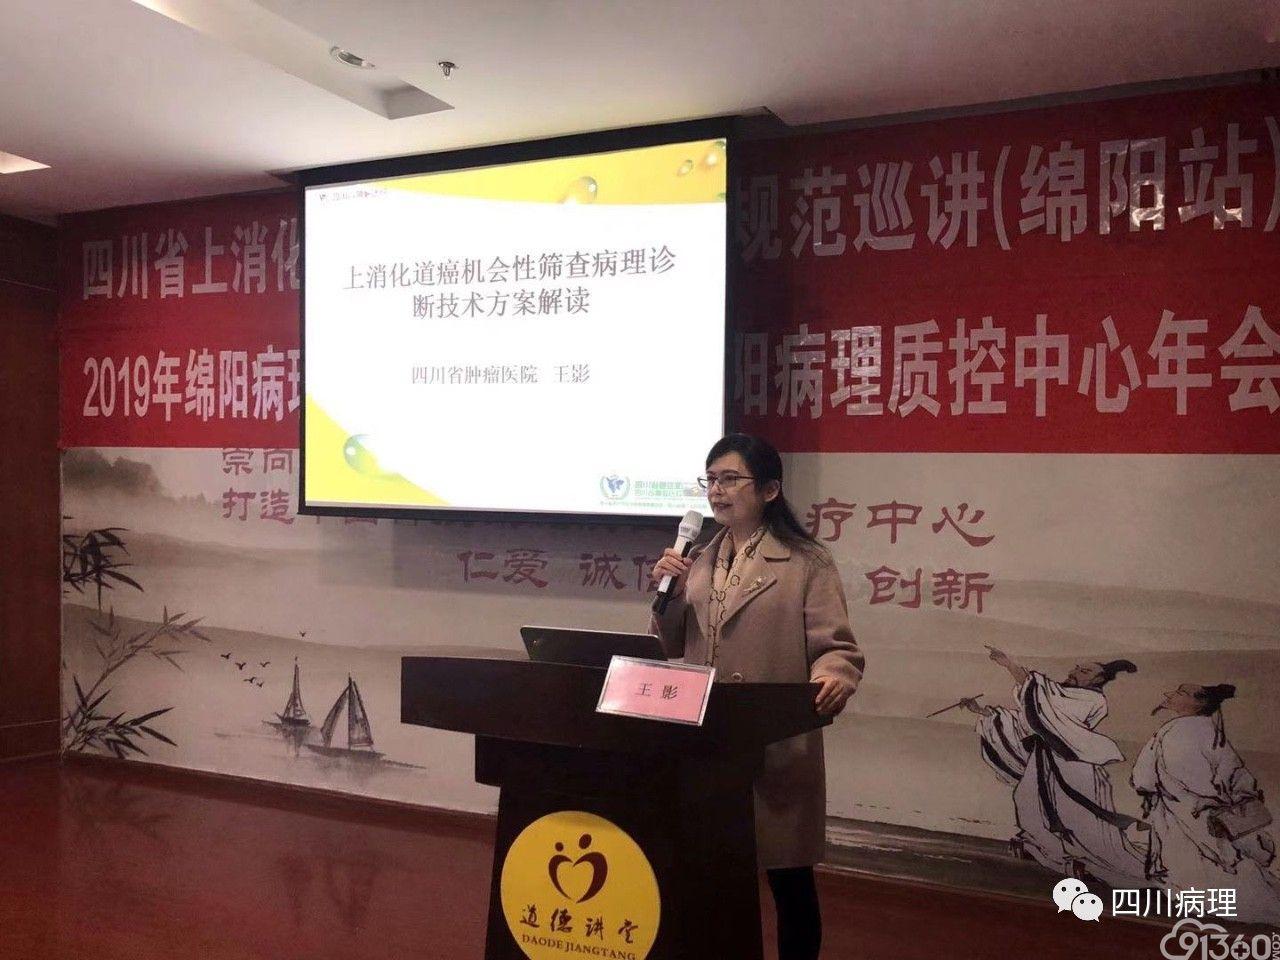 绵阳市中心医院成功举办四川省上消化道癌筛查病理诊断规范巡讲学术会议